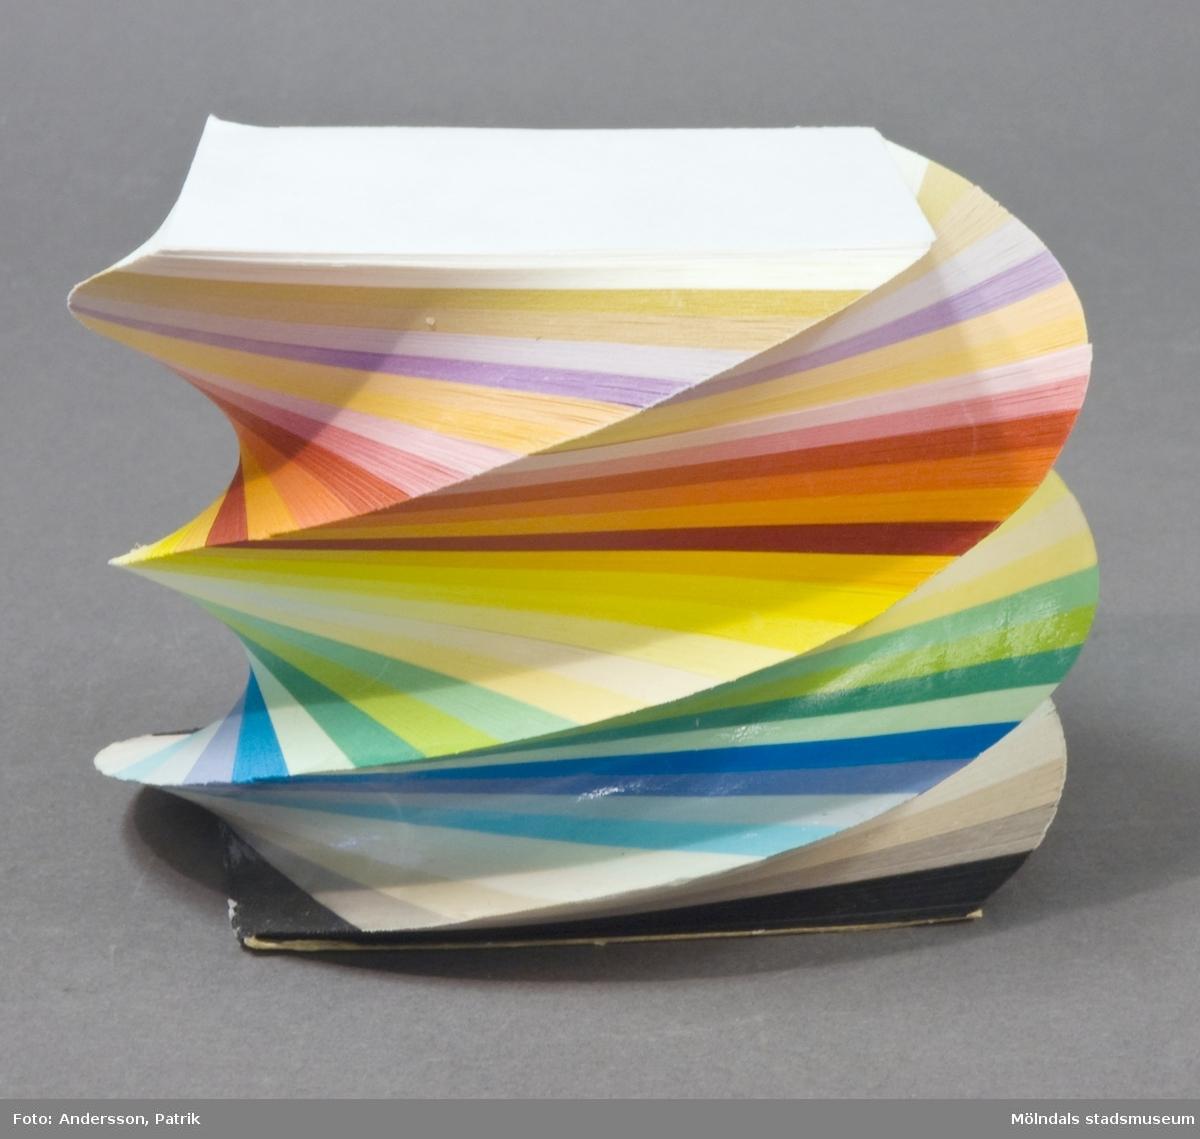 """Anteckningsblock, en så kallad """"Coloritspiral"""", tillverkad på Papyrus, Mölndal.Blocket består av kvadratiska blad, 9x9 cm, klistrade så att de utgör en randig spiralform i 32 färger. Coloritspiralen tillverkades för att användas vid, exempelvis konferenser."""